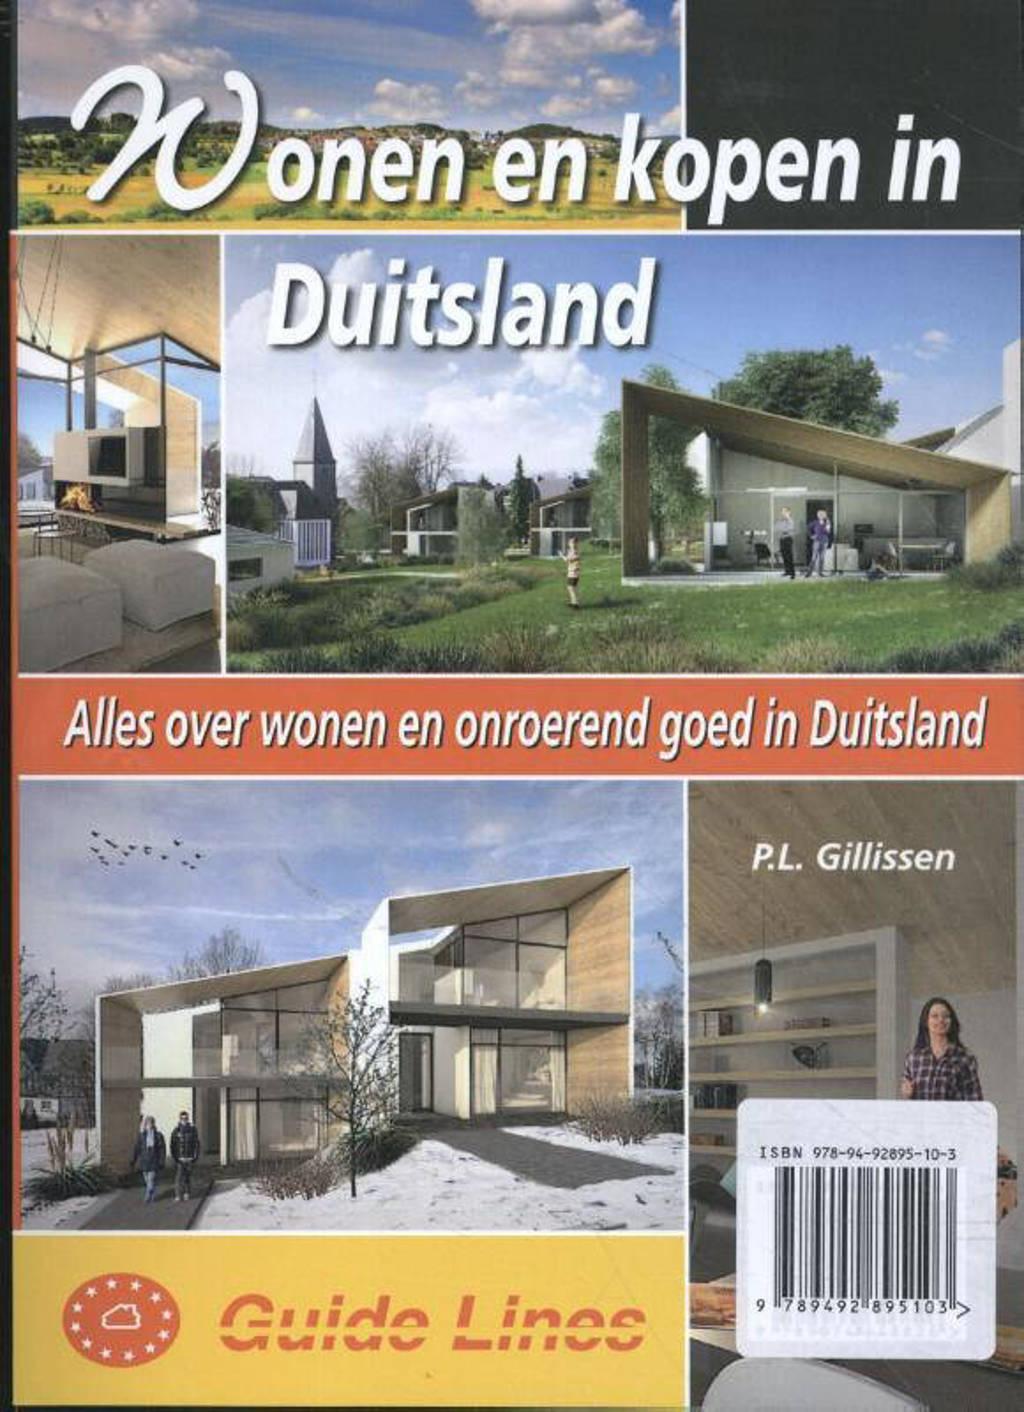 Wonen en kopen in: Wonen en kopen in Duitsland - Peter Gillissen